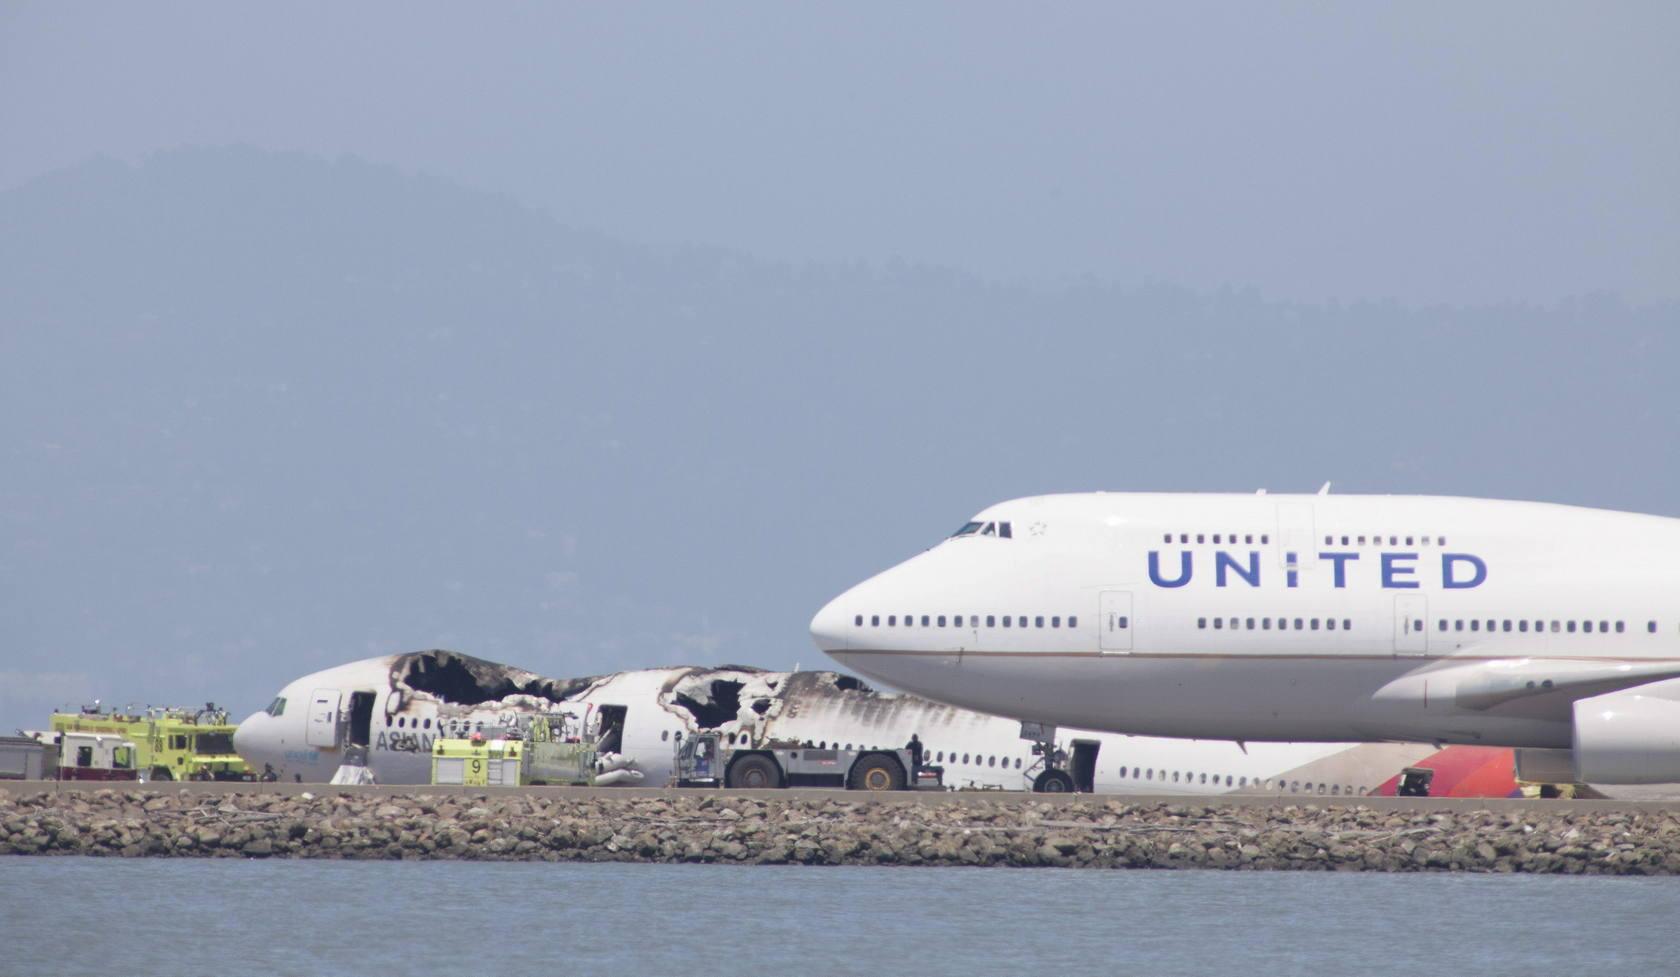 Un avión se estrella al aterrizar en el aeropuerto de San Francisco